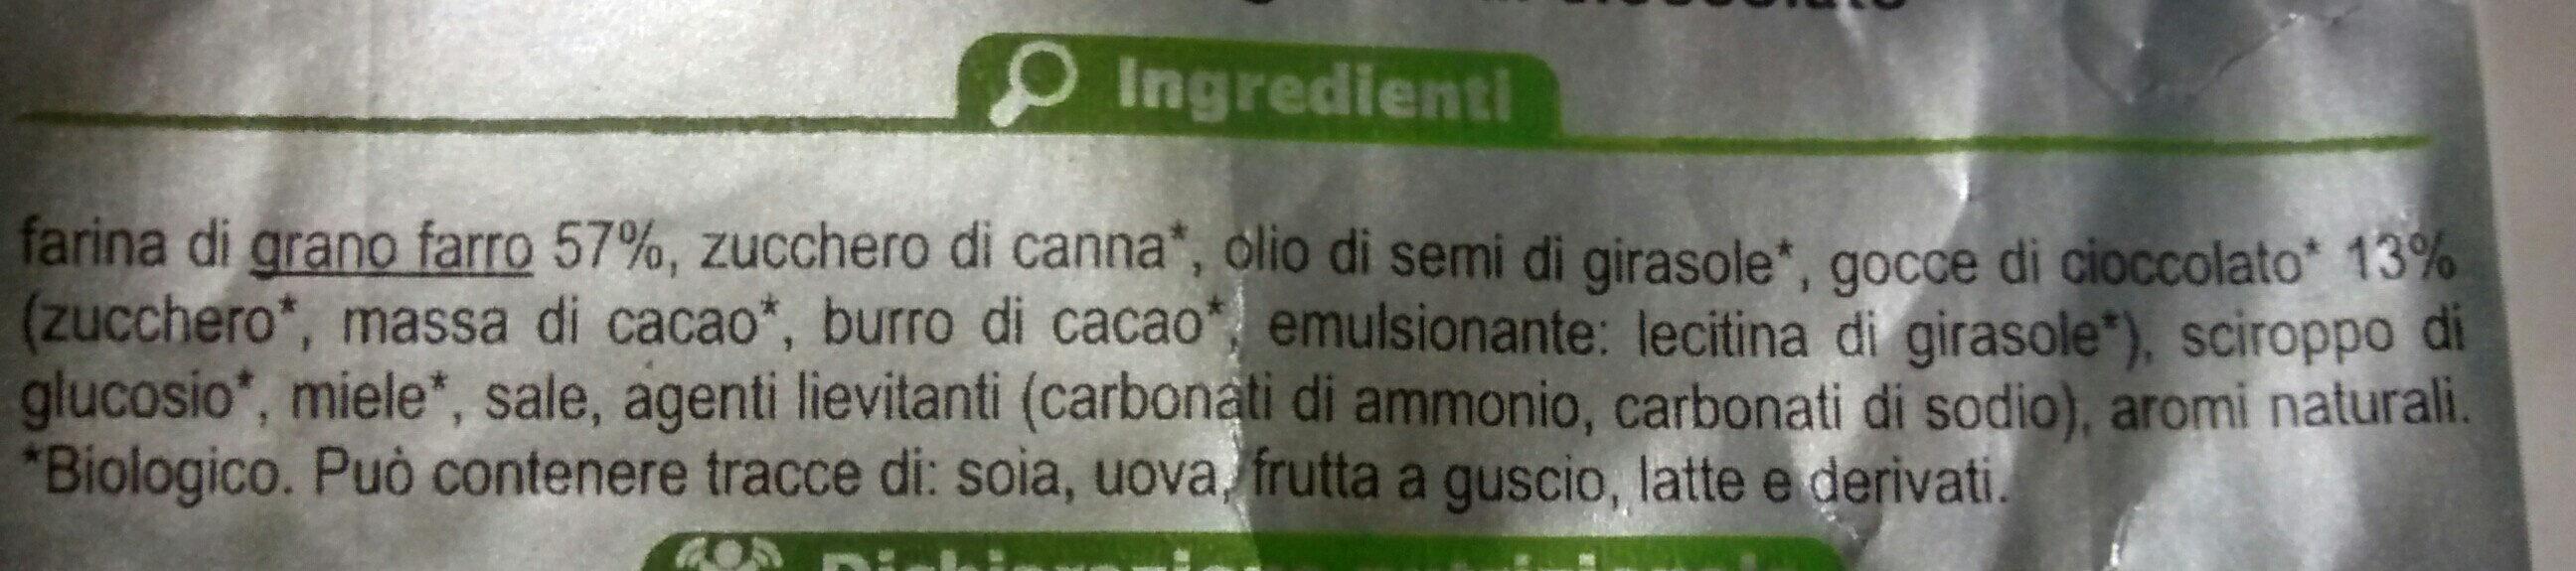 Biscotto al farro con gocce di cioccolato - Ingredients - it